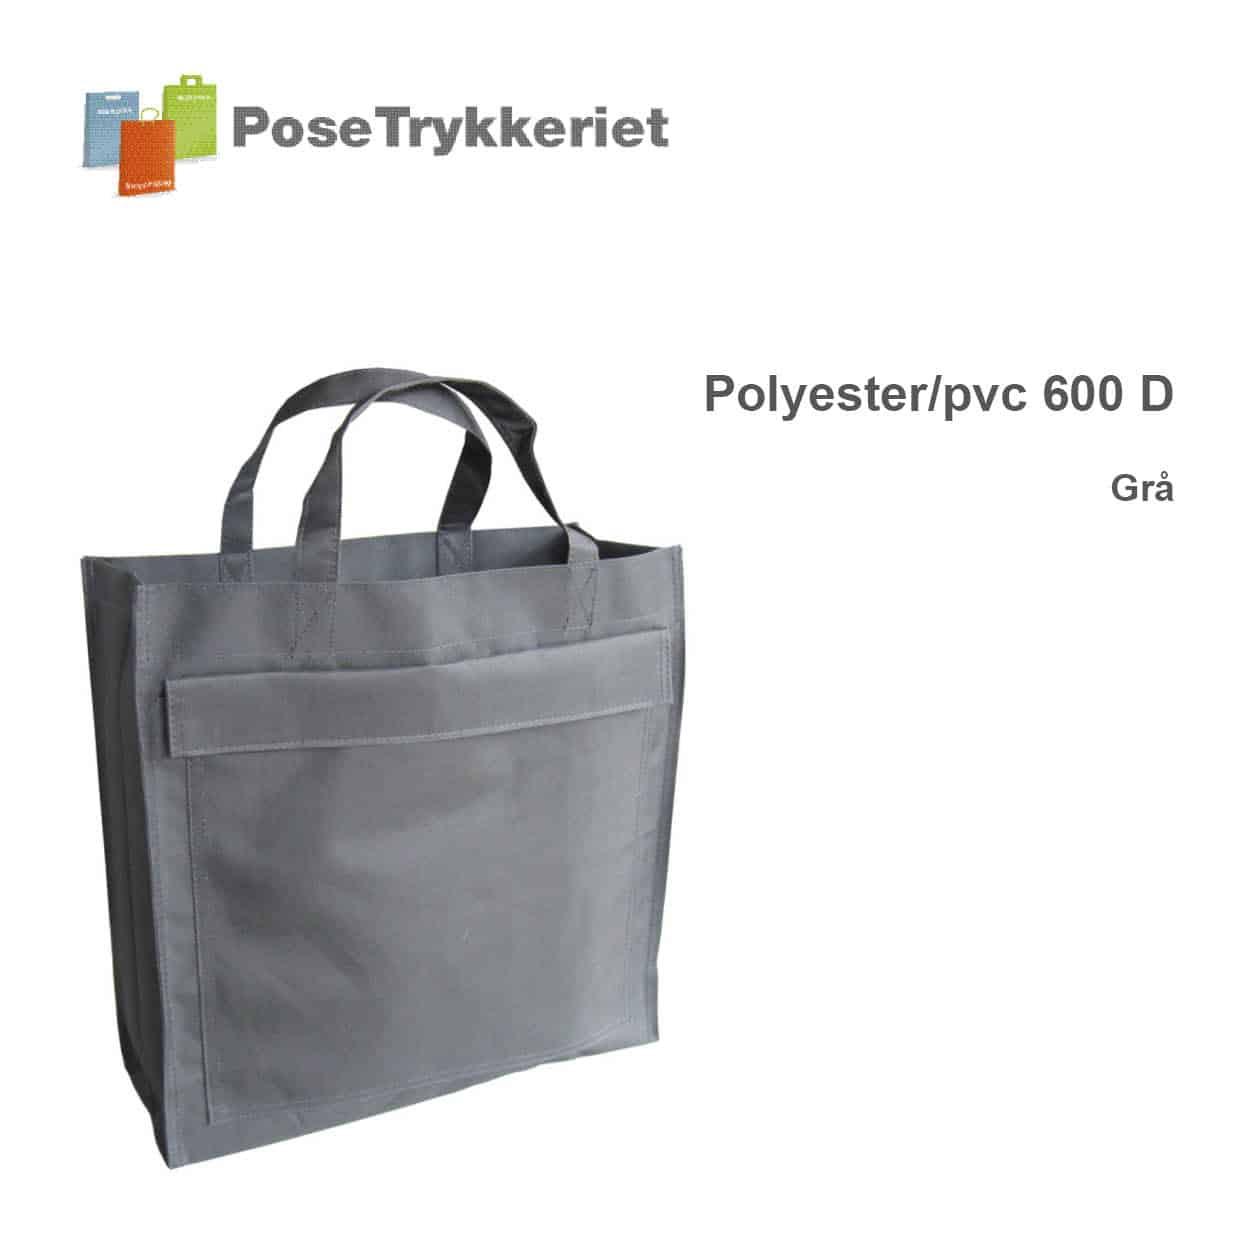 Revisor poser med korte hanke og logotryk. Grå, Polyester 600D. Posetrykkeriet.dk